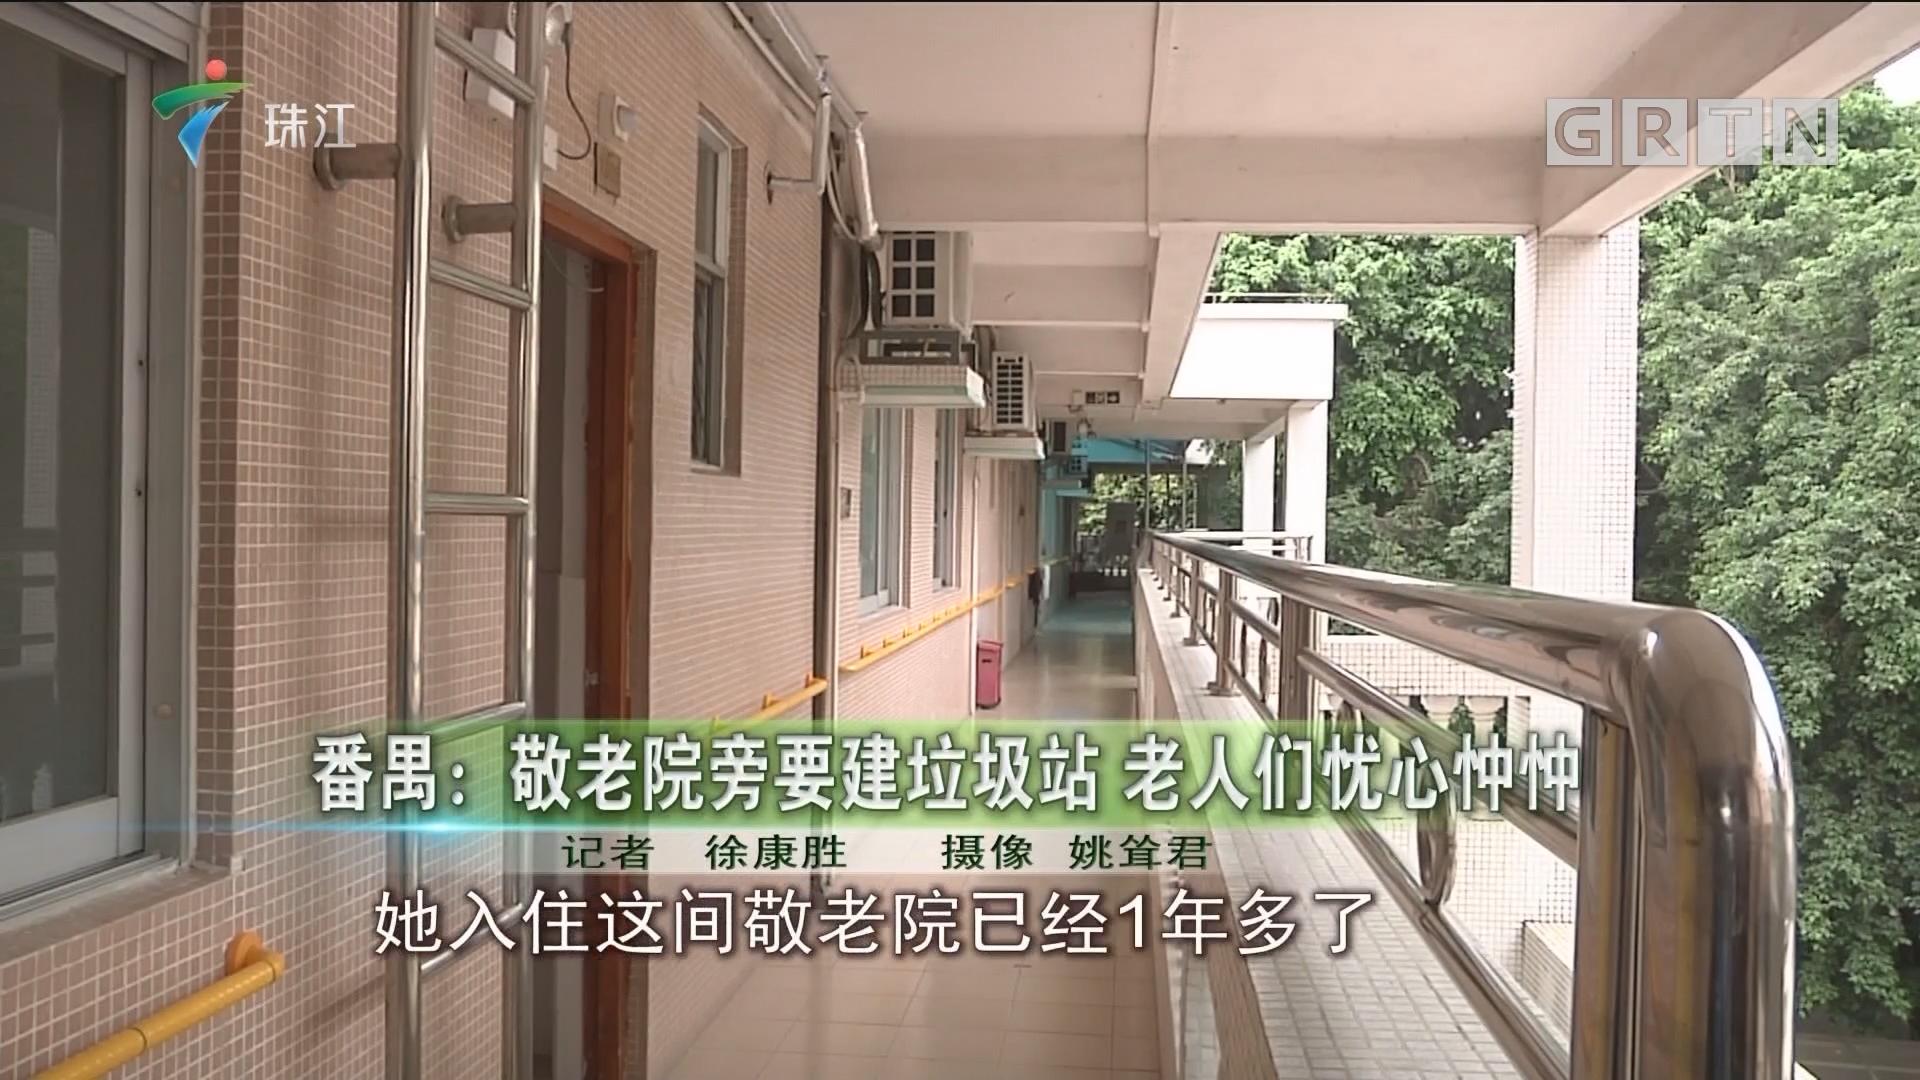 番禺:敬老院旁要建垃圾站 老人们忧心忡忡